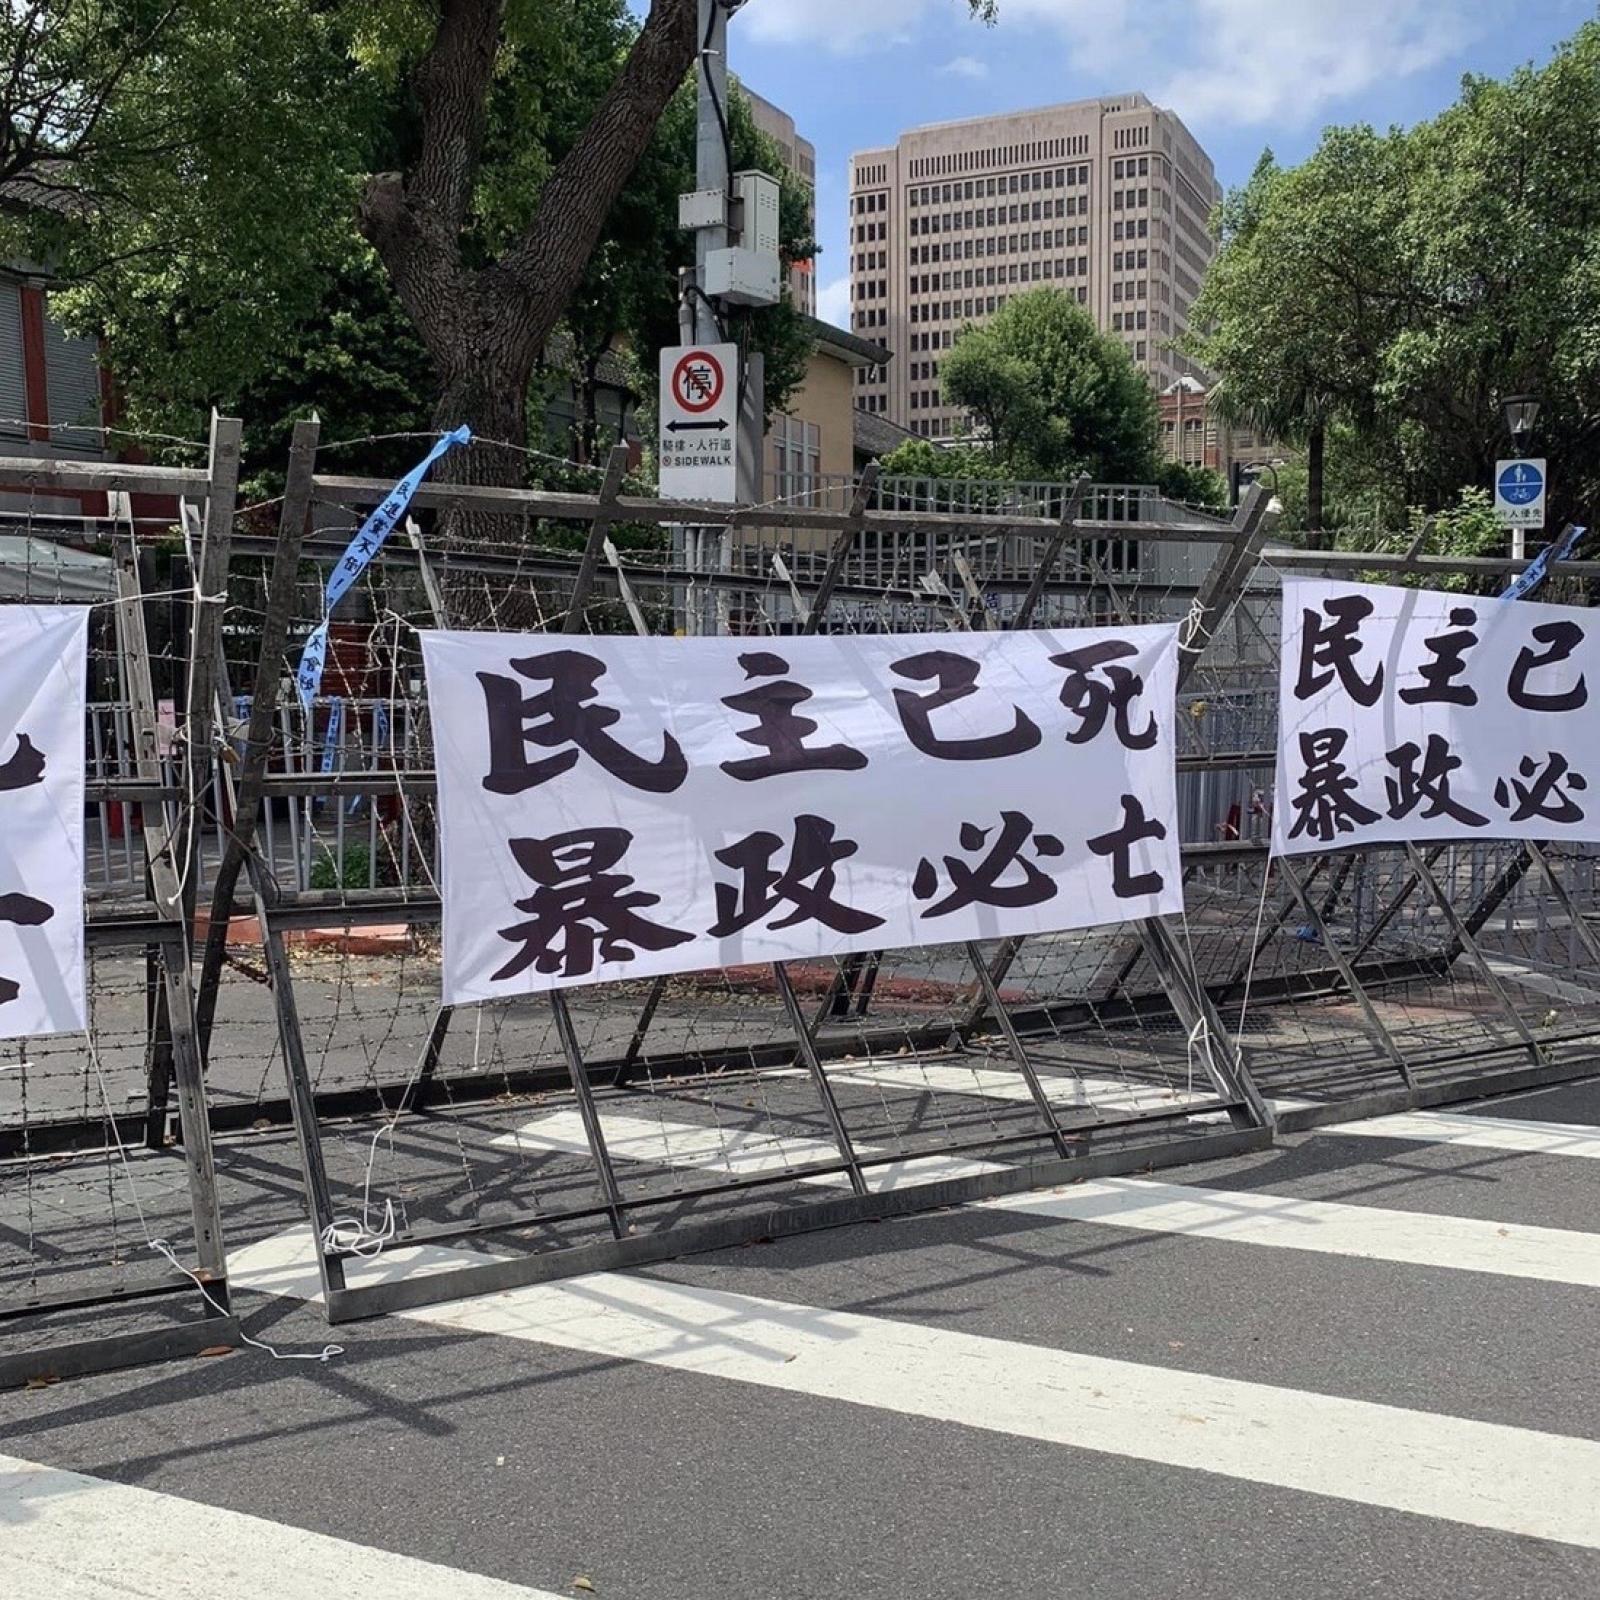 【胡全威觀點】臺灣民主不該變成偏聽的一言堂